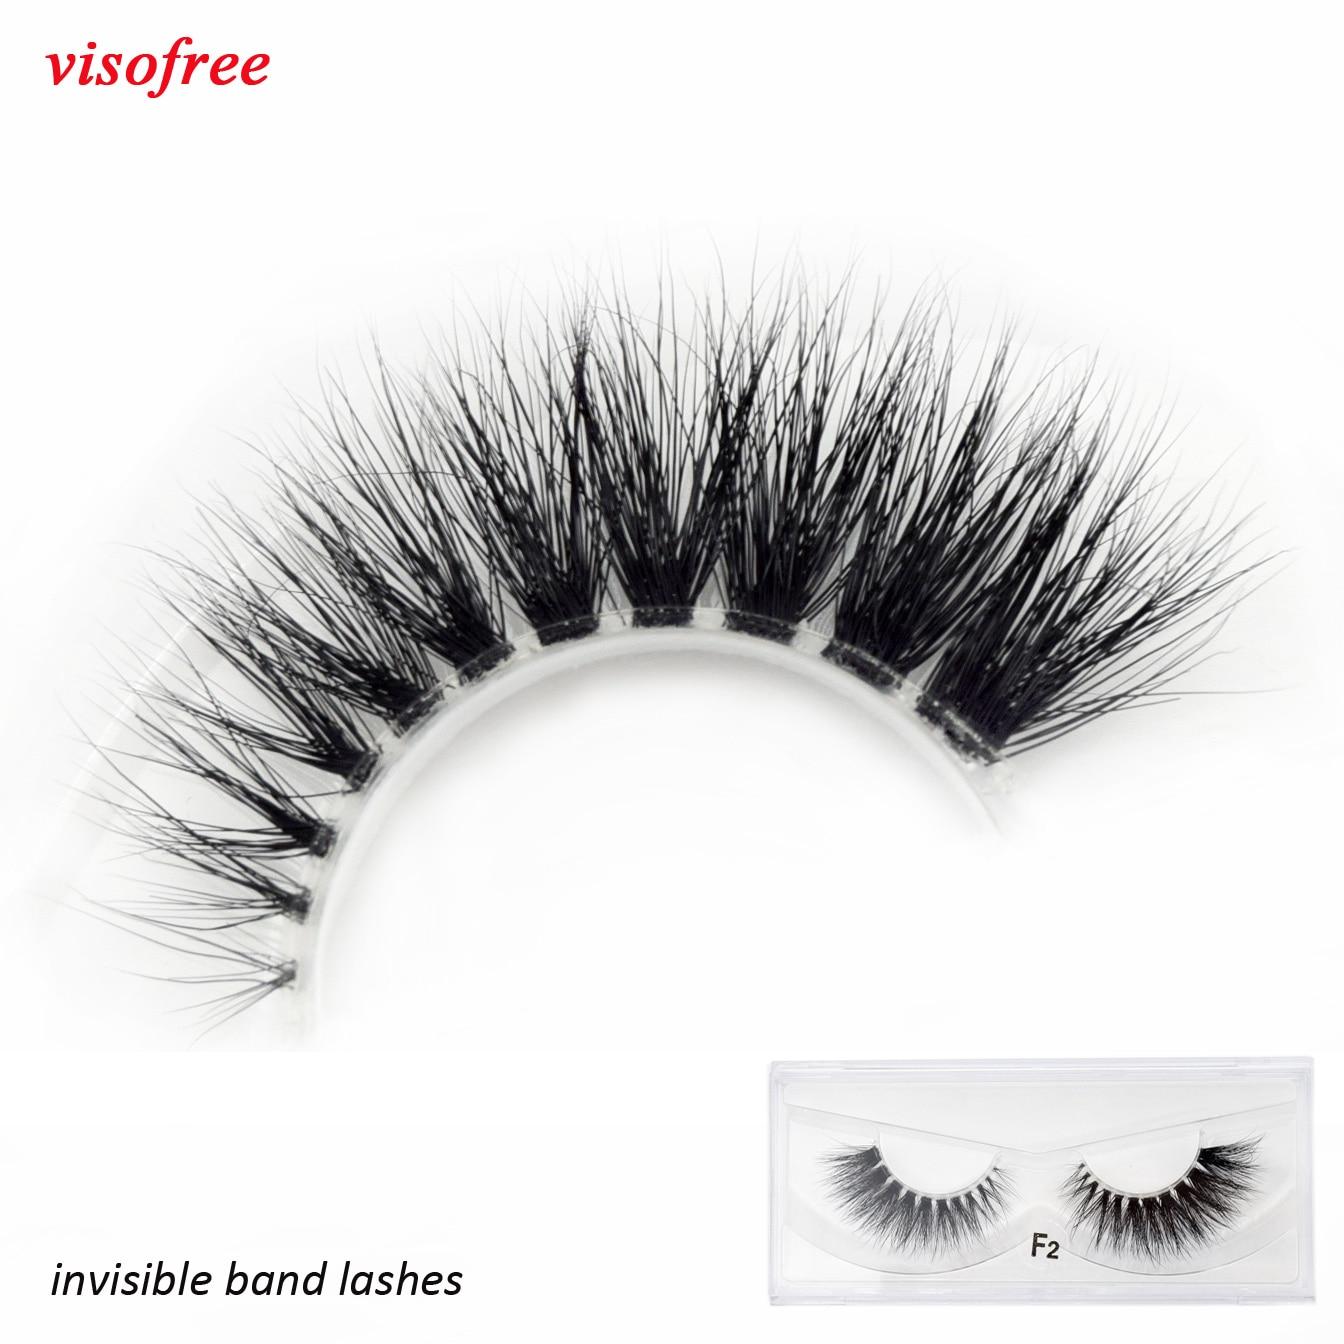 Visofree Mink Eyelashes Clear Band Eye Lashes Crisscross Transparent Band False Eyelashes Handmade Dramatic Lashes Upper Lash 1